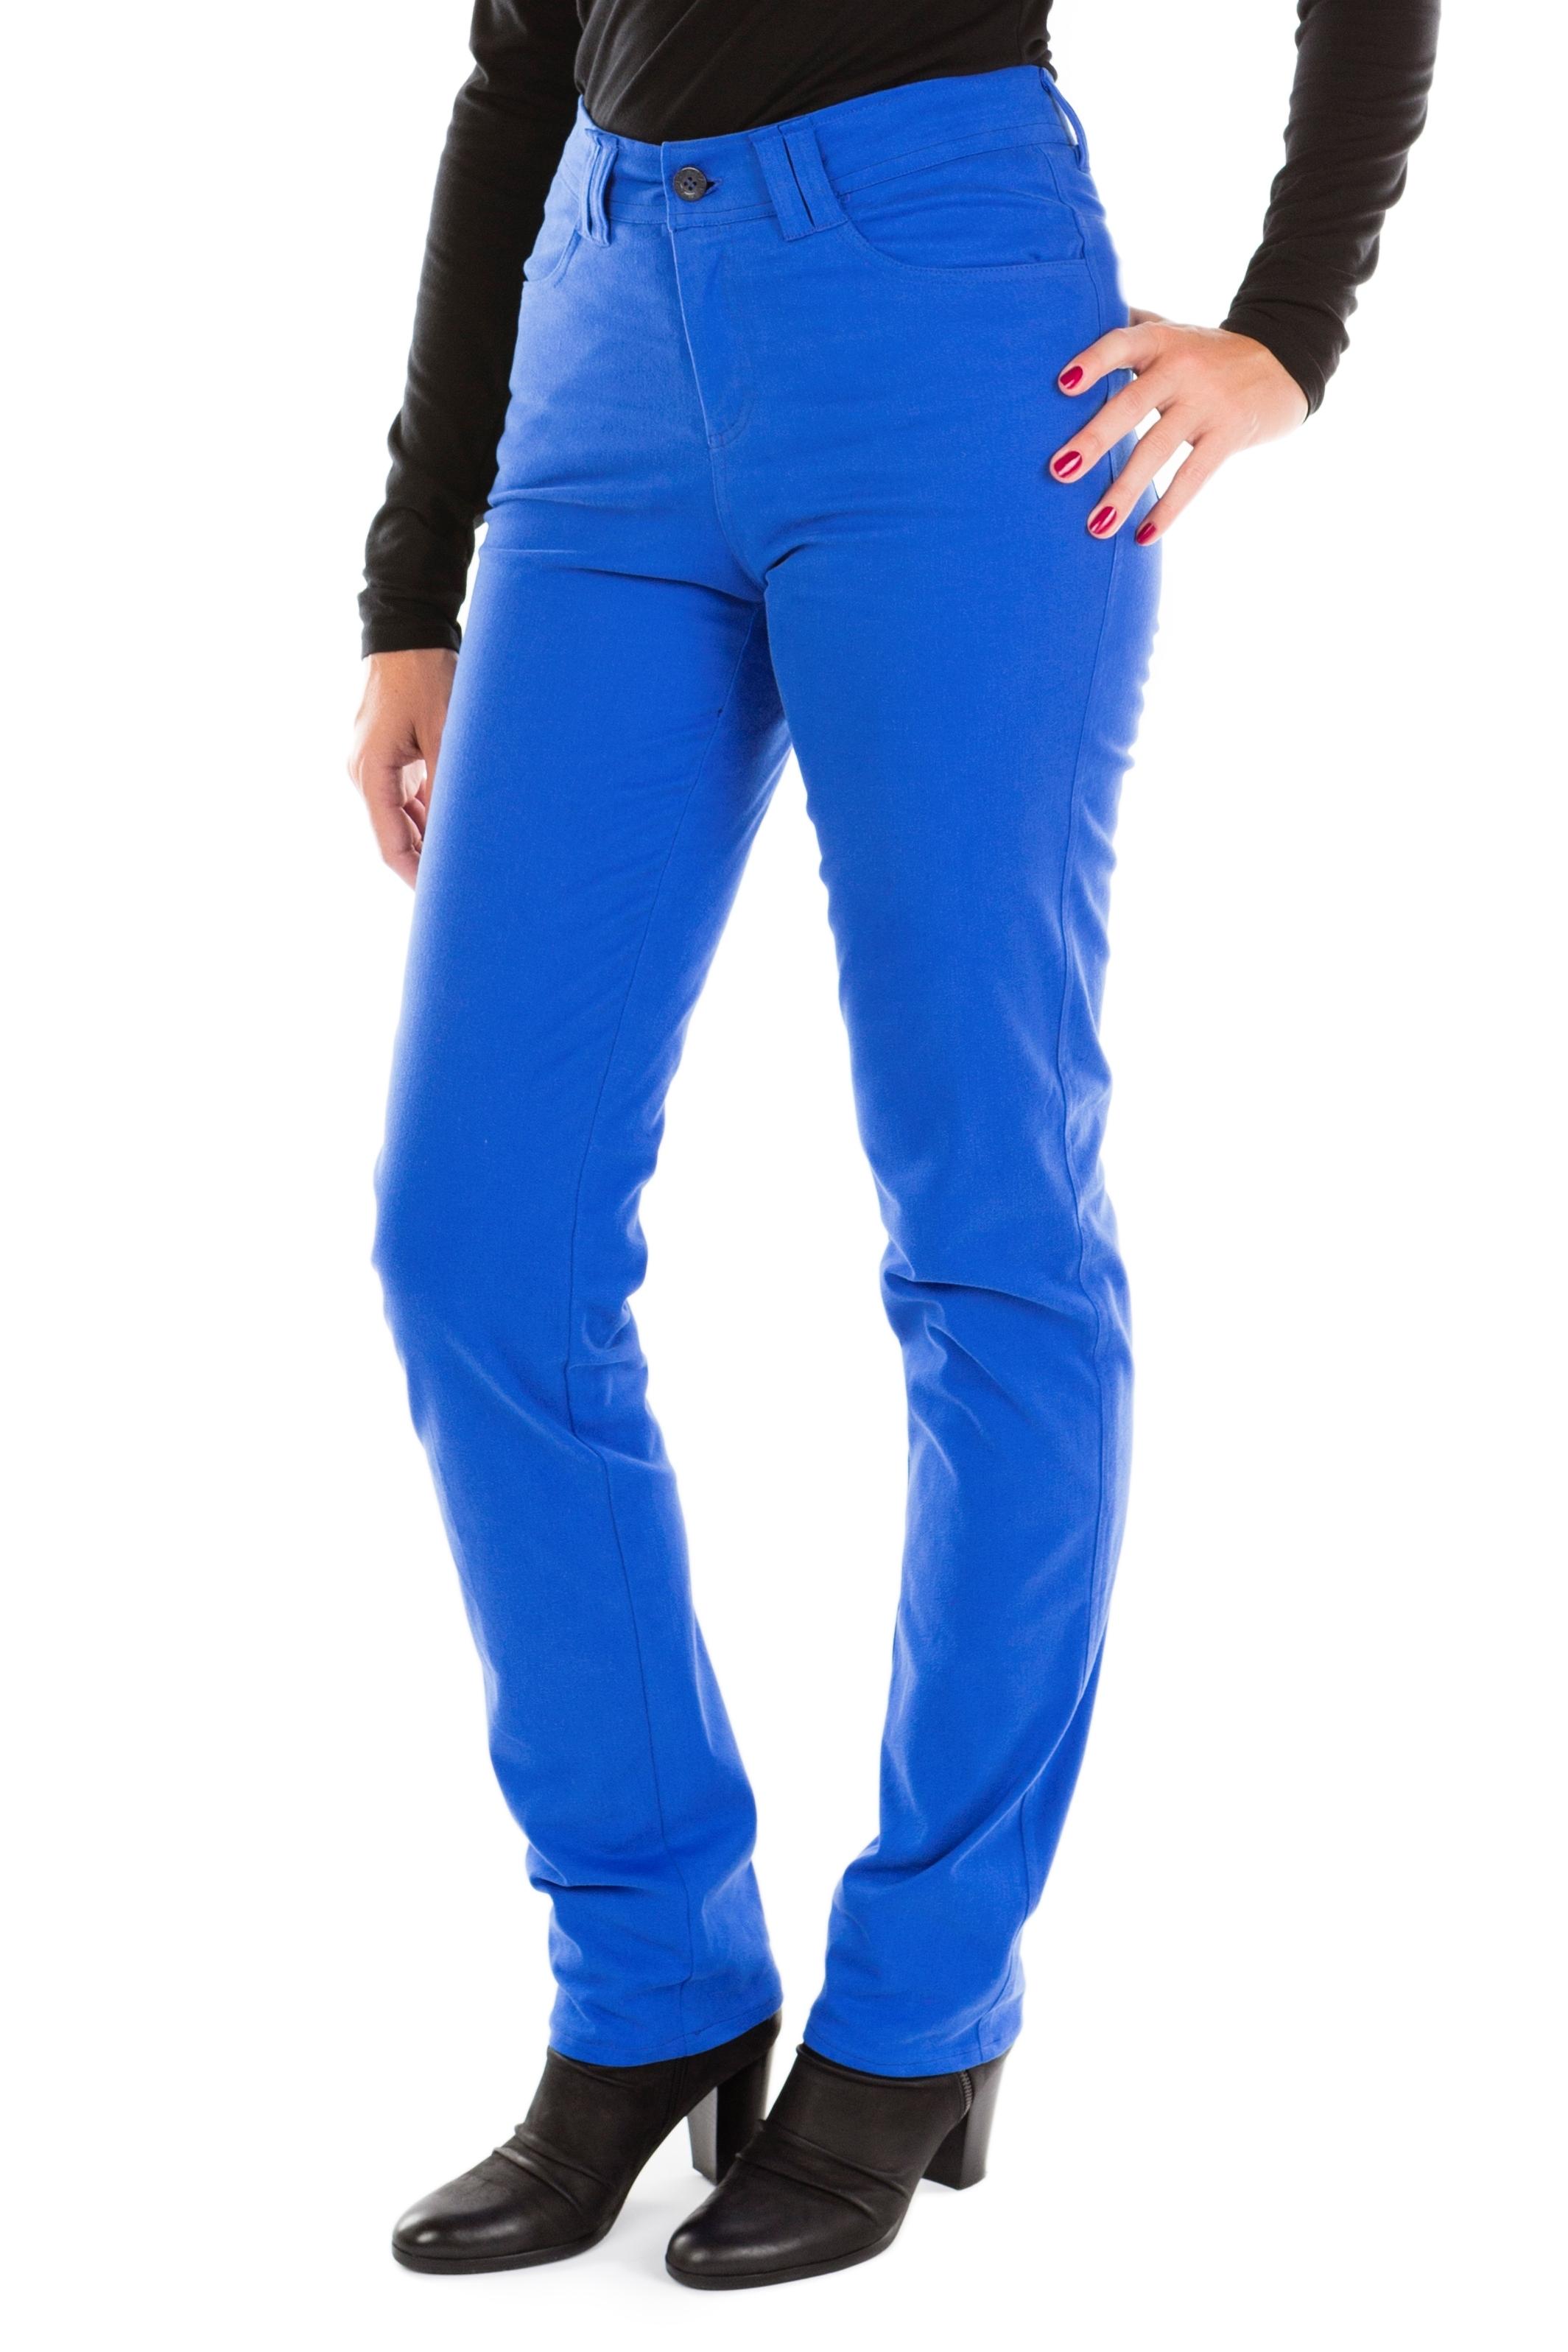 Jean femme coupe droite good jeans diva slim en denim - Pantalon coupe droite femme pas cher ...